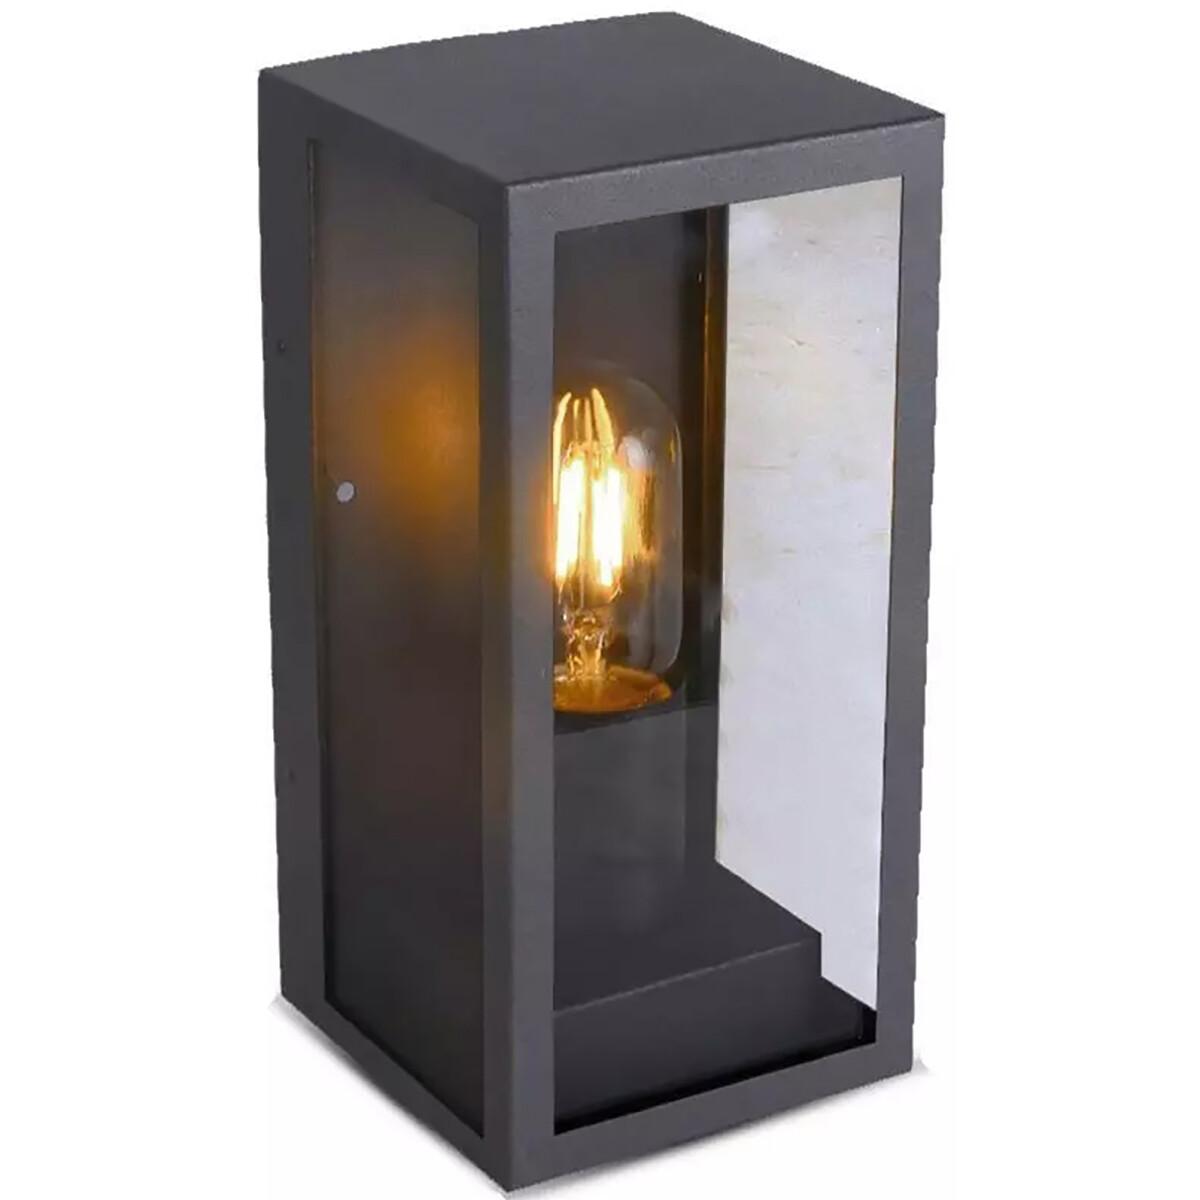 LED Tuinverlichting - Buitenlamp - Viron Bivy - Wand - E27 Fitting - Rond - Mat Zwart - Aluminium